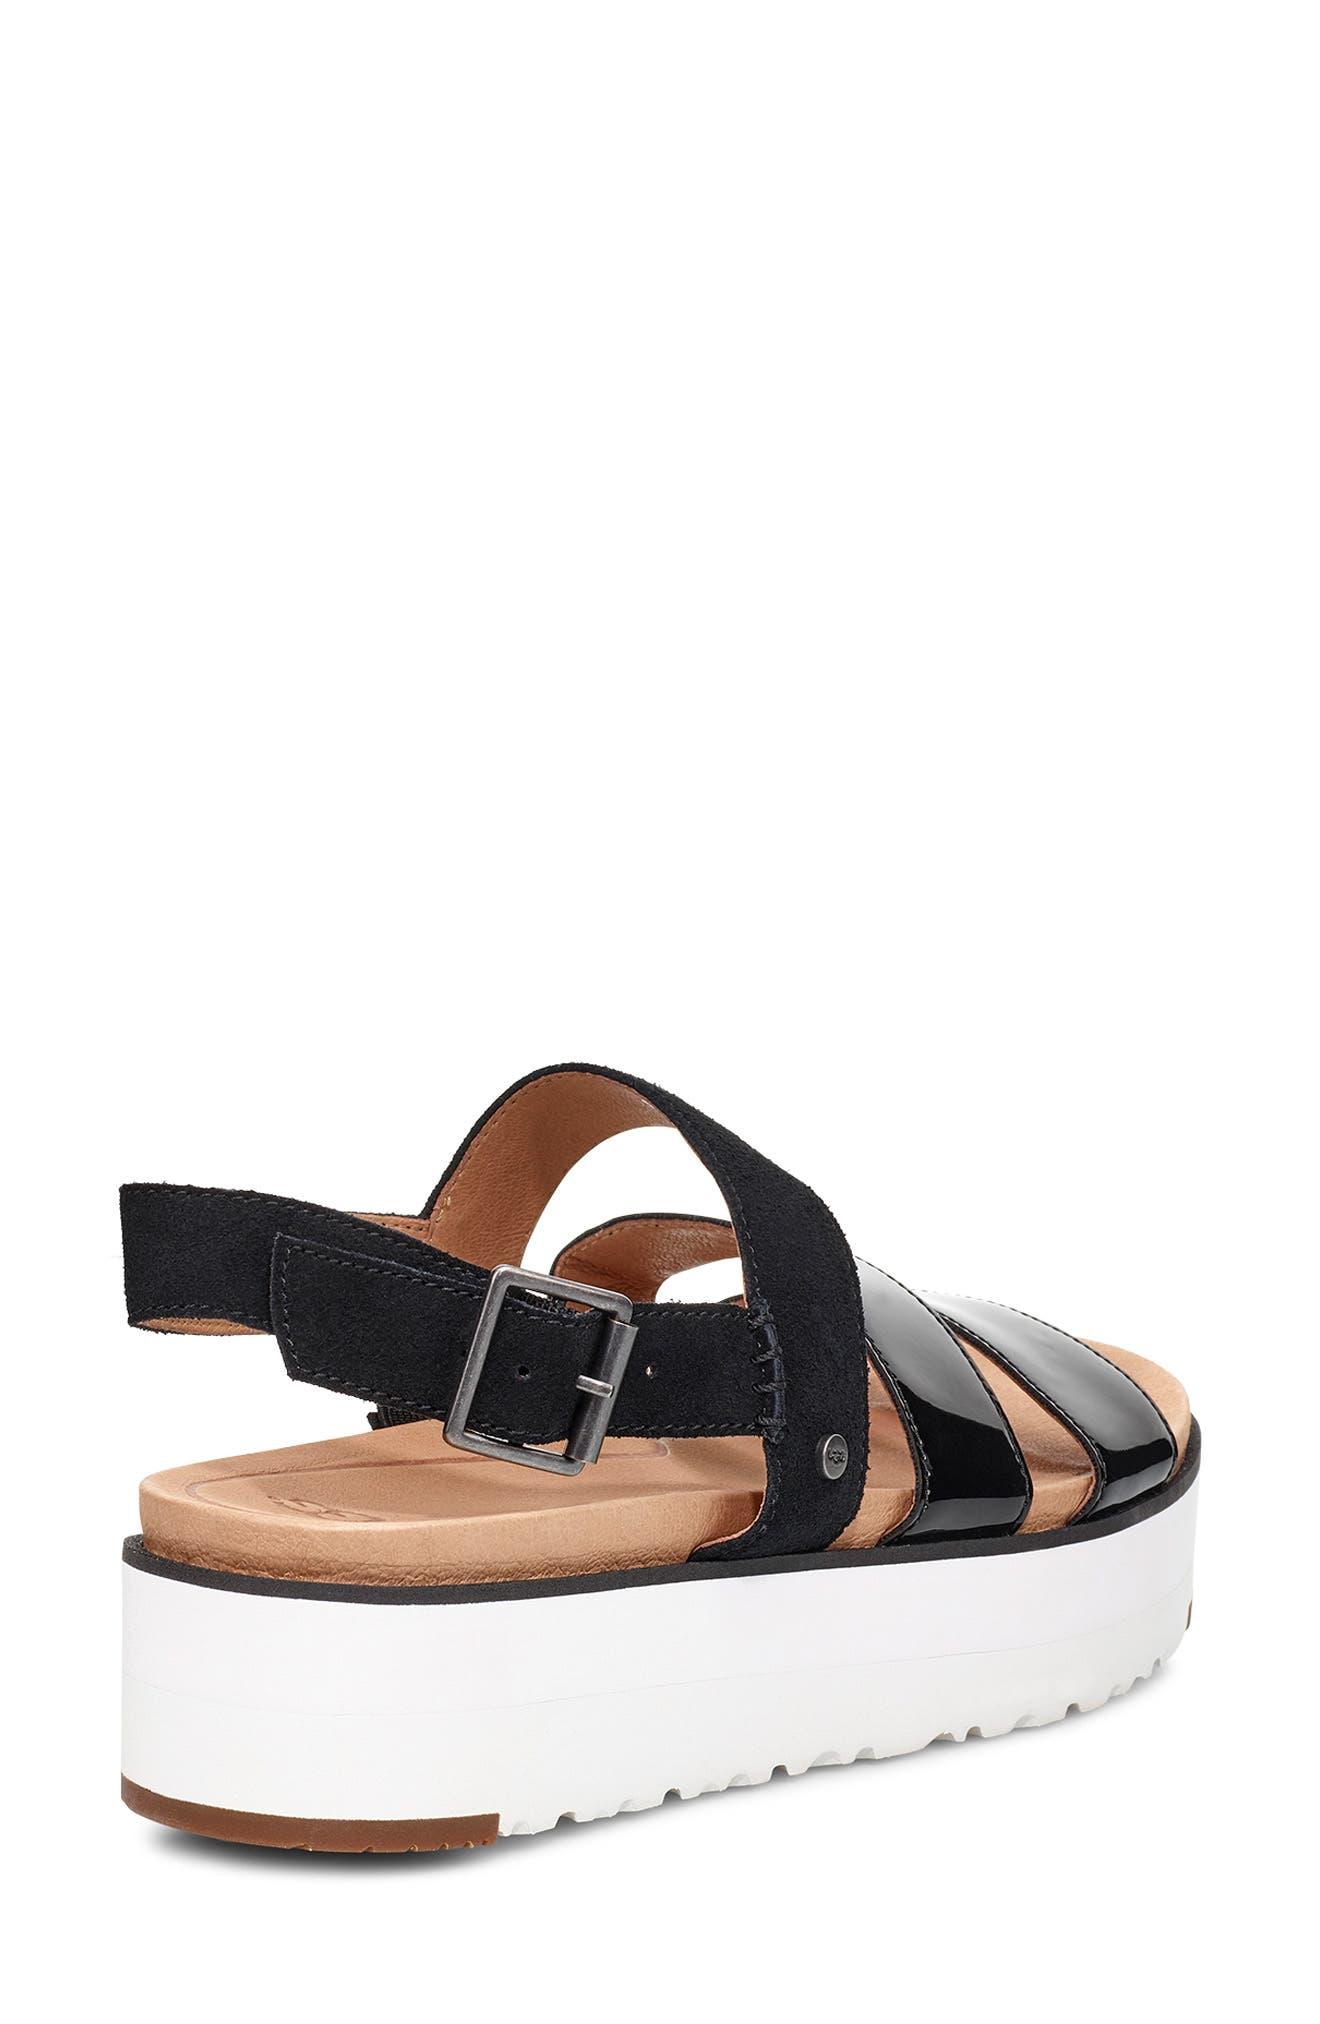 UGG<SUP>®</SUP>, Braelynn Flatform Sandal, Alternate thumbnail 2, color, BLACK LEATHER